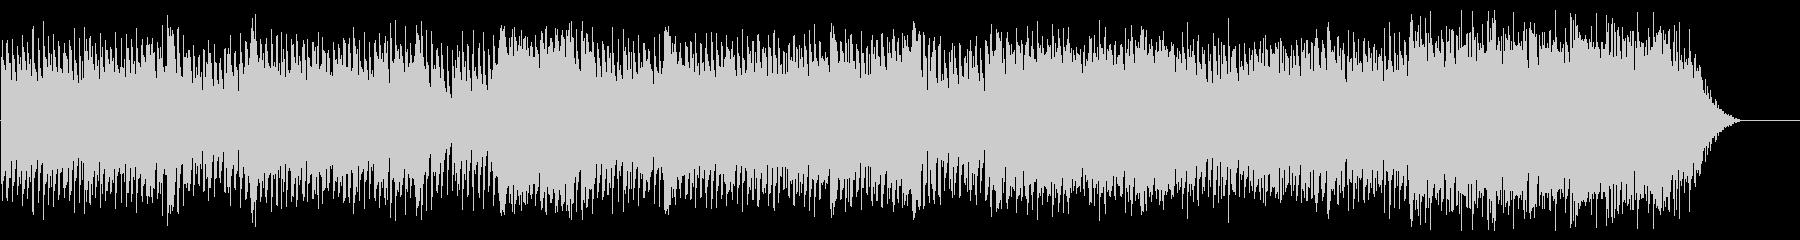 フォークポップの未再生の波形